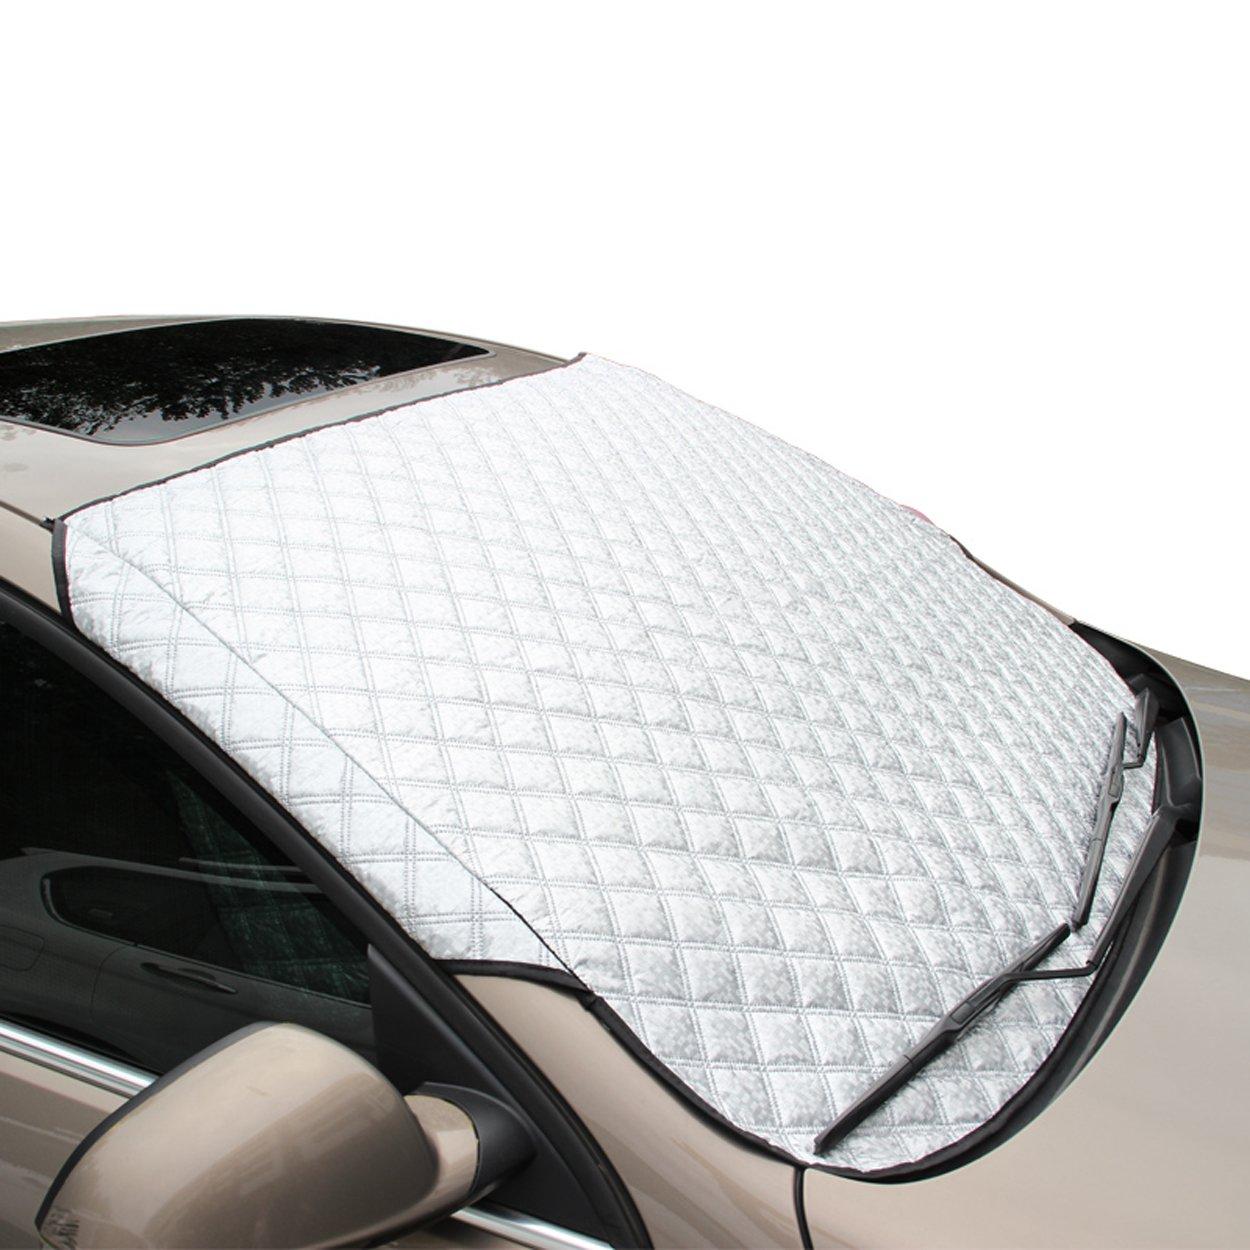 FREESOO Parasol de Coche Protector de Parabrisas Cubierta de Nieve y de Sol Antihielo Funda de Parabrisa Delantero Universal para Coche Plegable